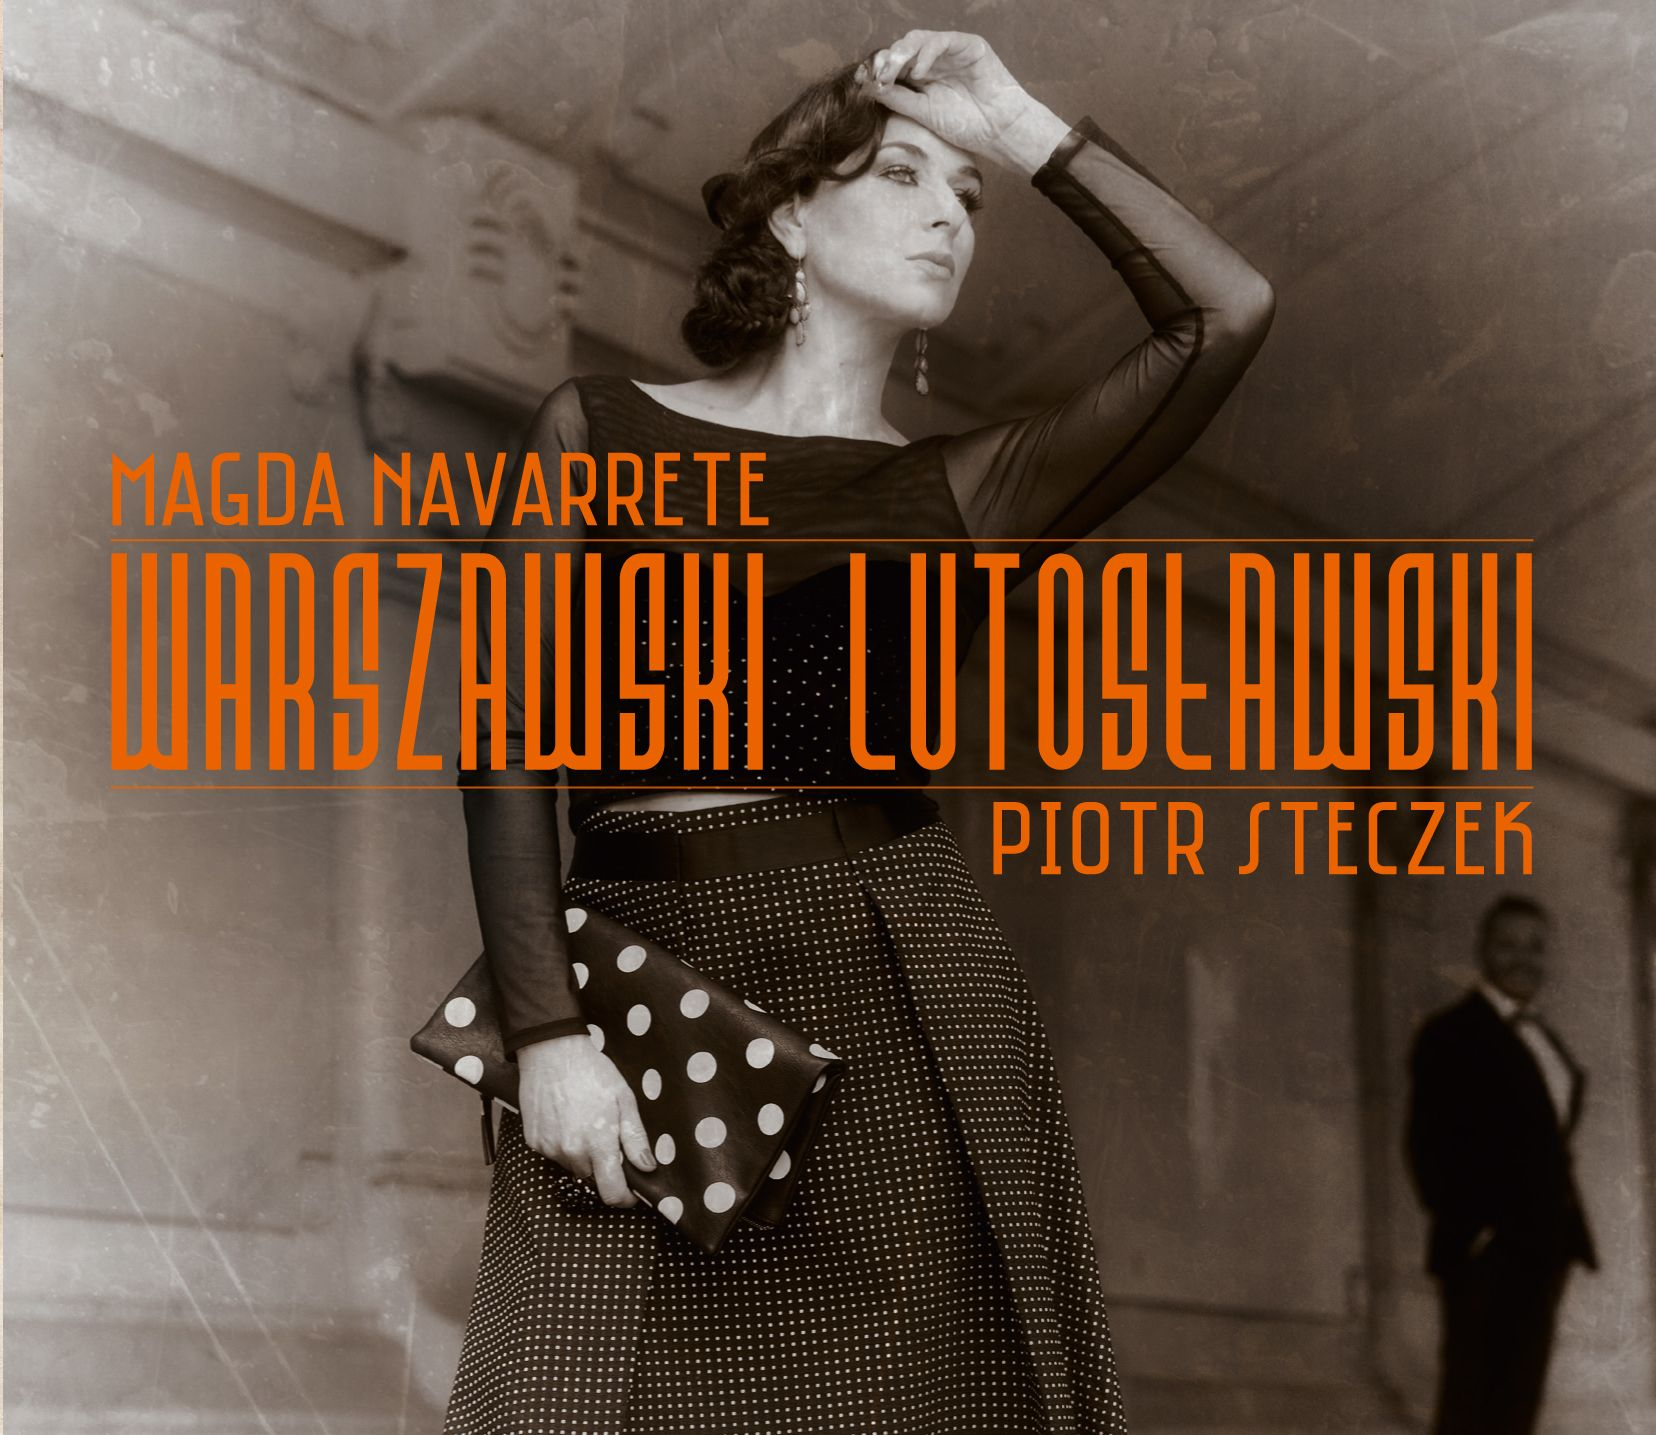 """""""Warszawski Lutosławski"""". Nowa płyta Magdy Navarrete i Piotra Steczka"""